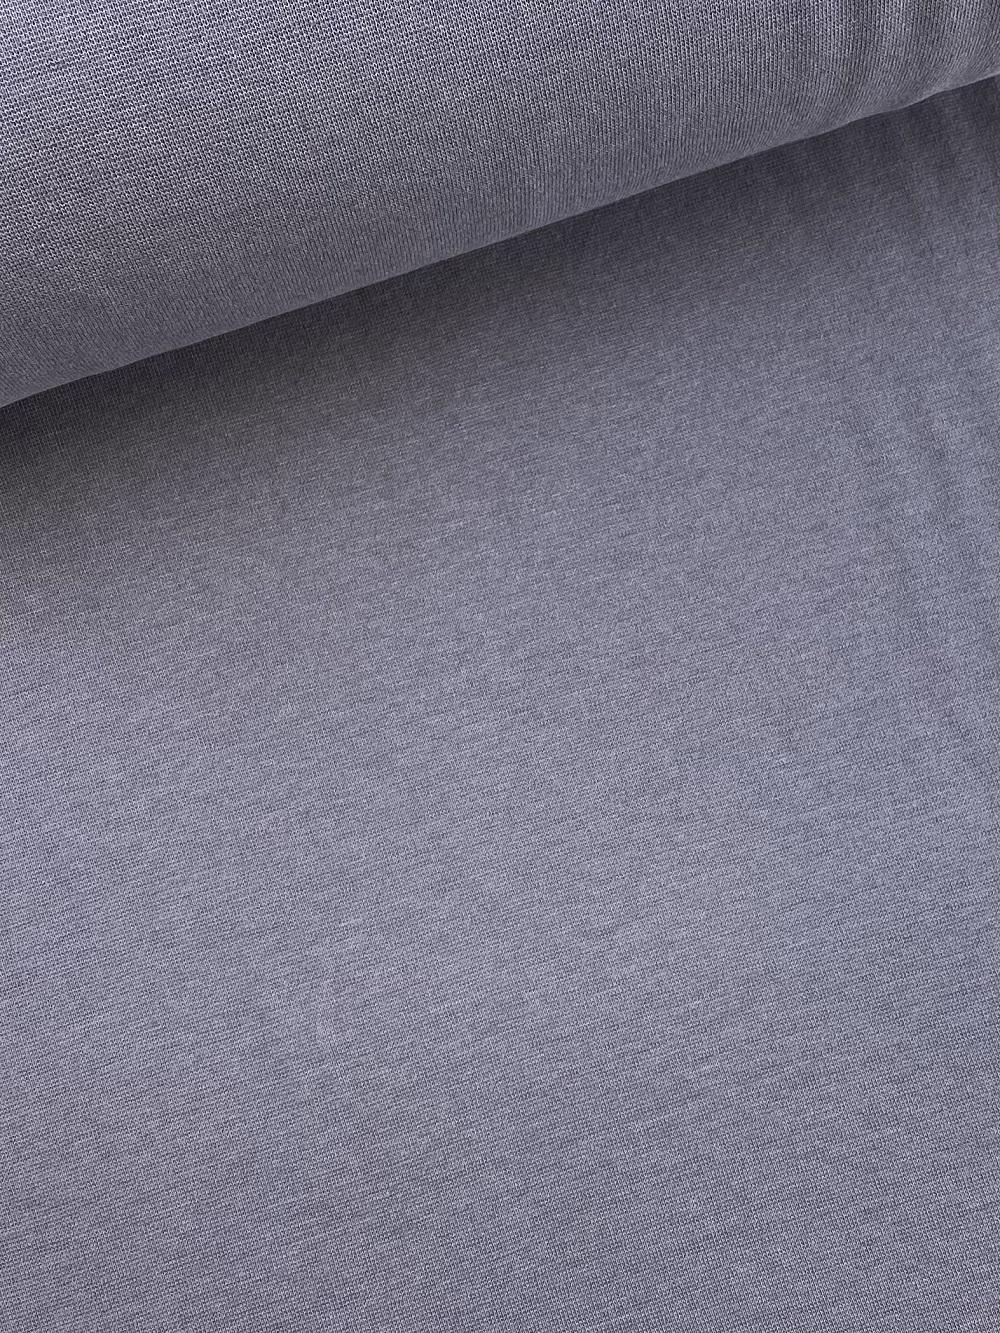 Bündchenware (glatt), silber grau. Art. SW10635